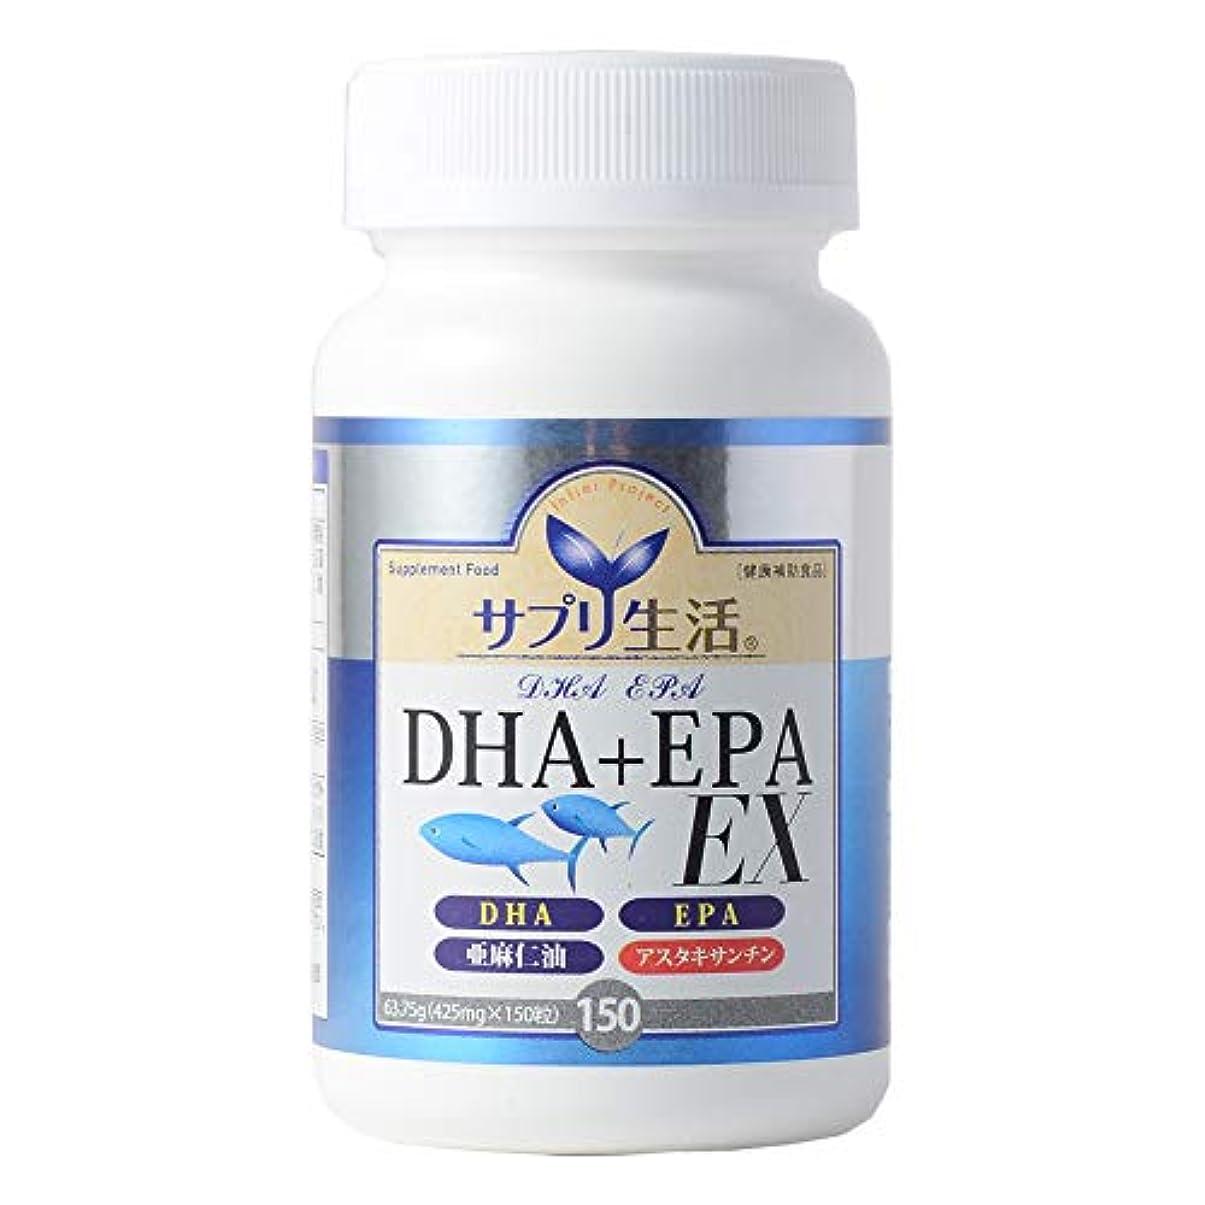 衝動モードリン騙すサプリ生活 DHA+EPA EX